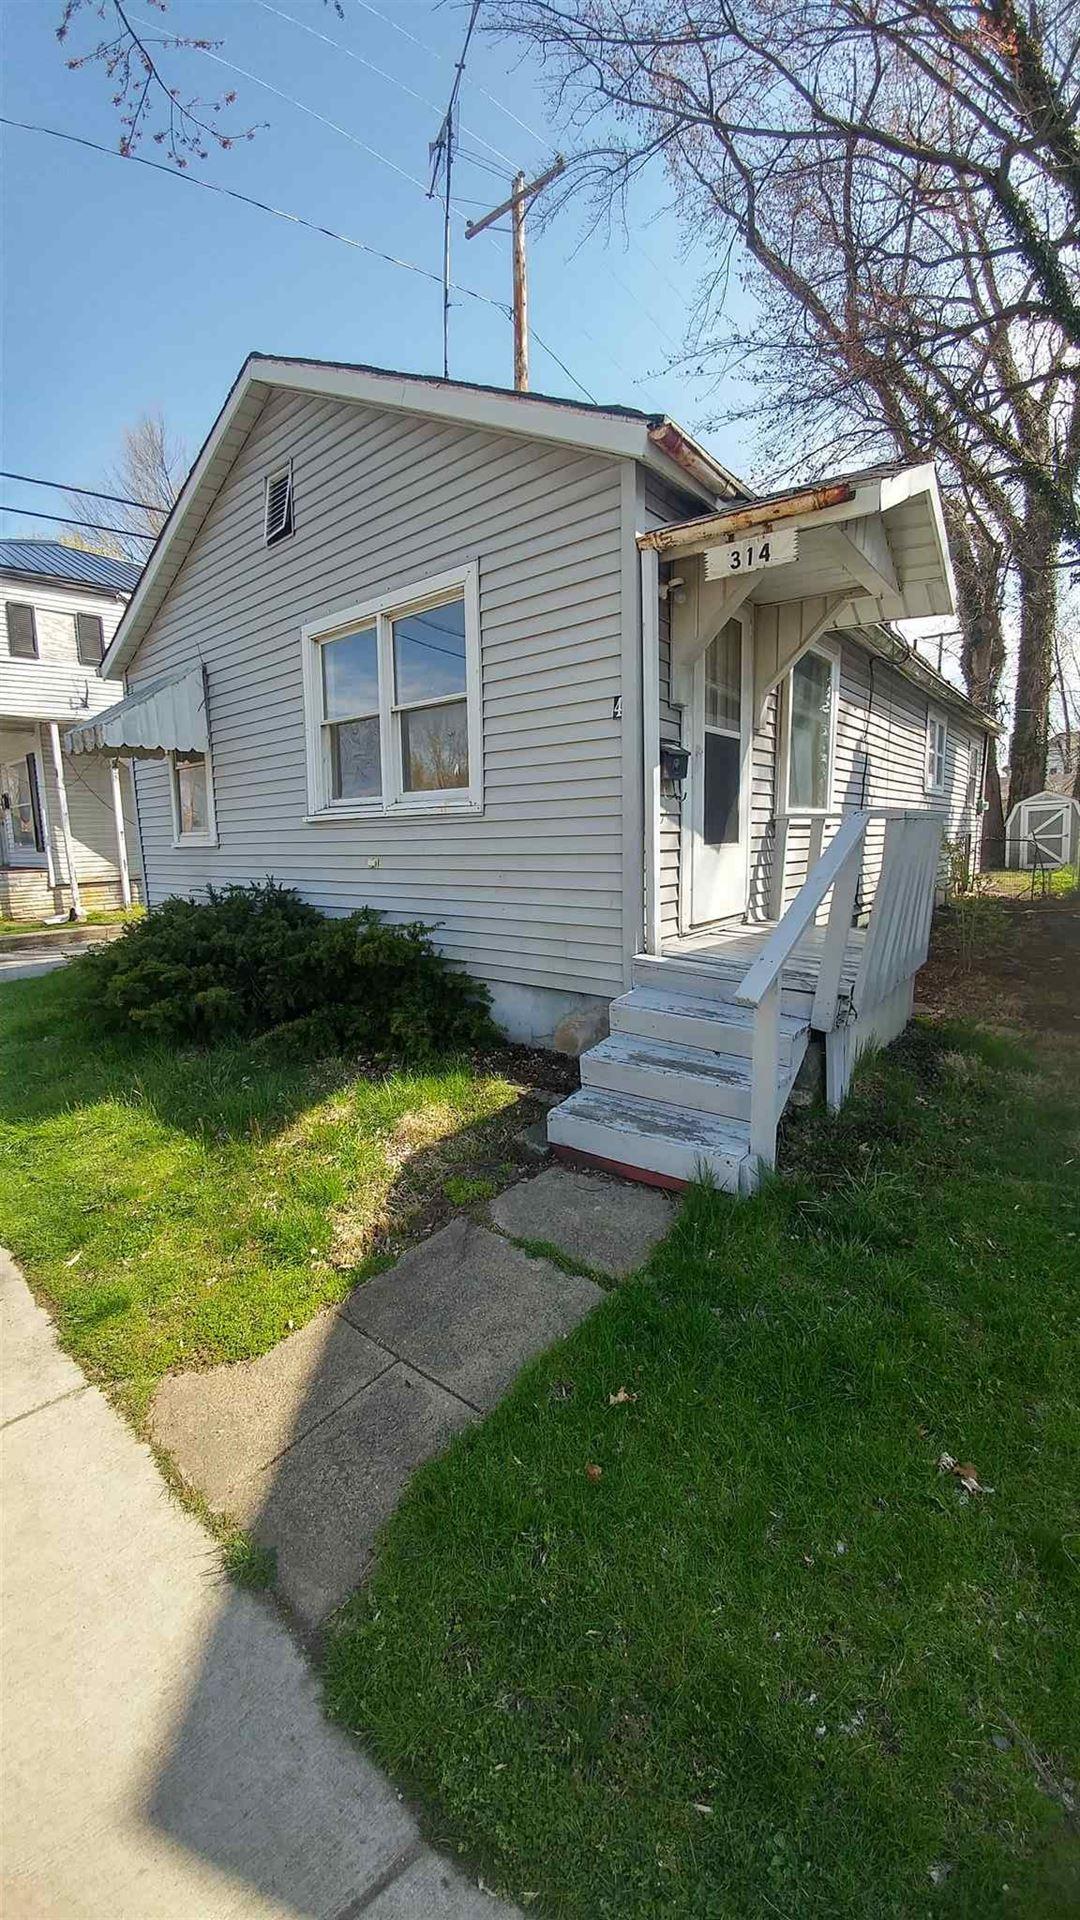 314 N Third Street, Elkhart, IN 46516 - #: 202014005